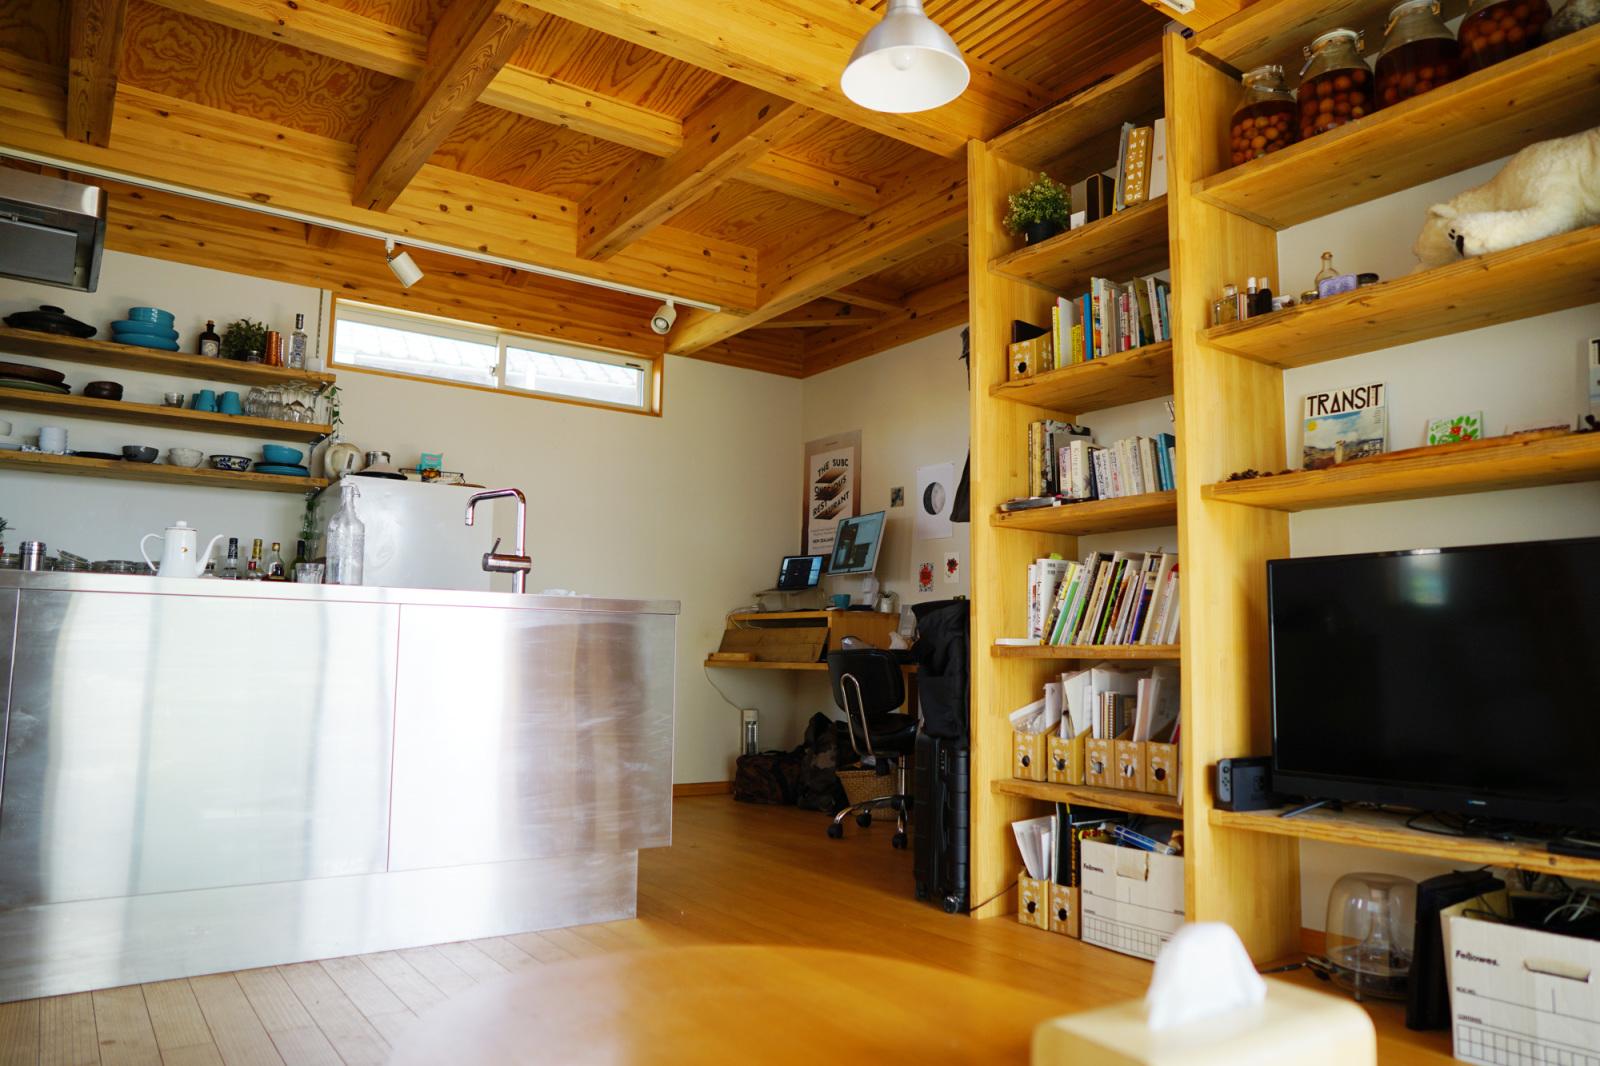 「HOXAI」のデザインが生まれる在宅での仕事環境